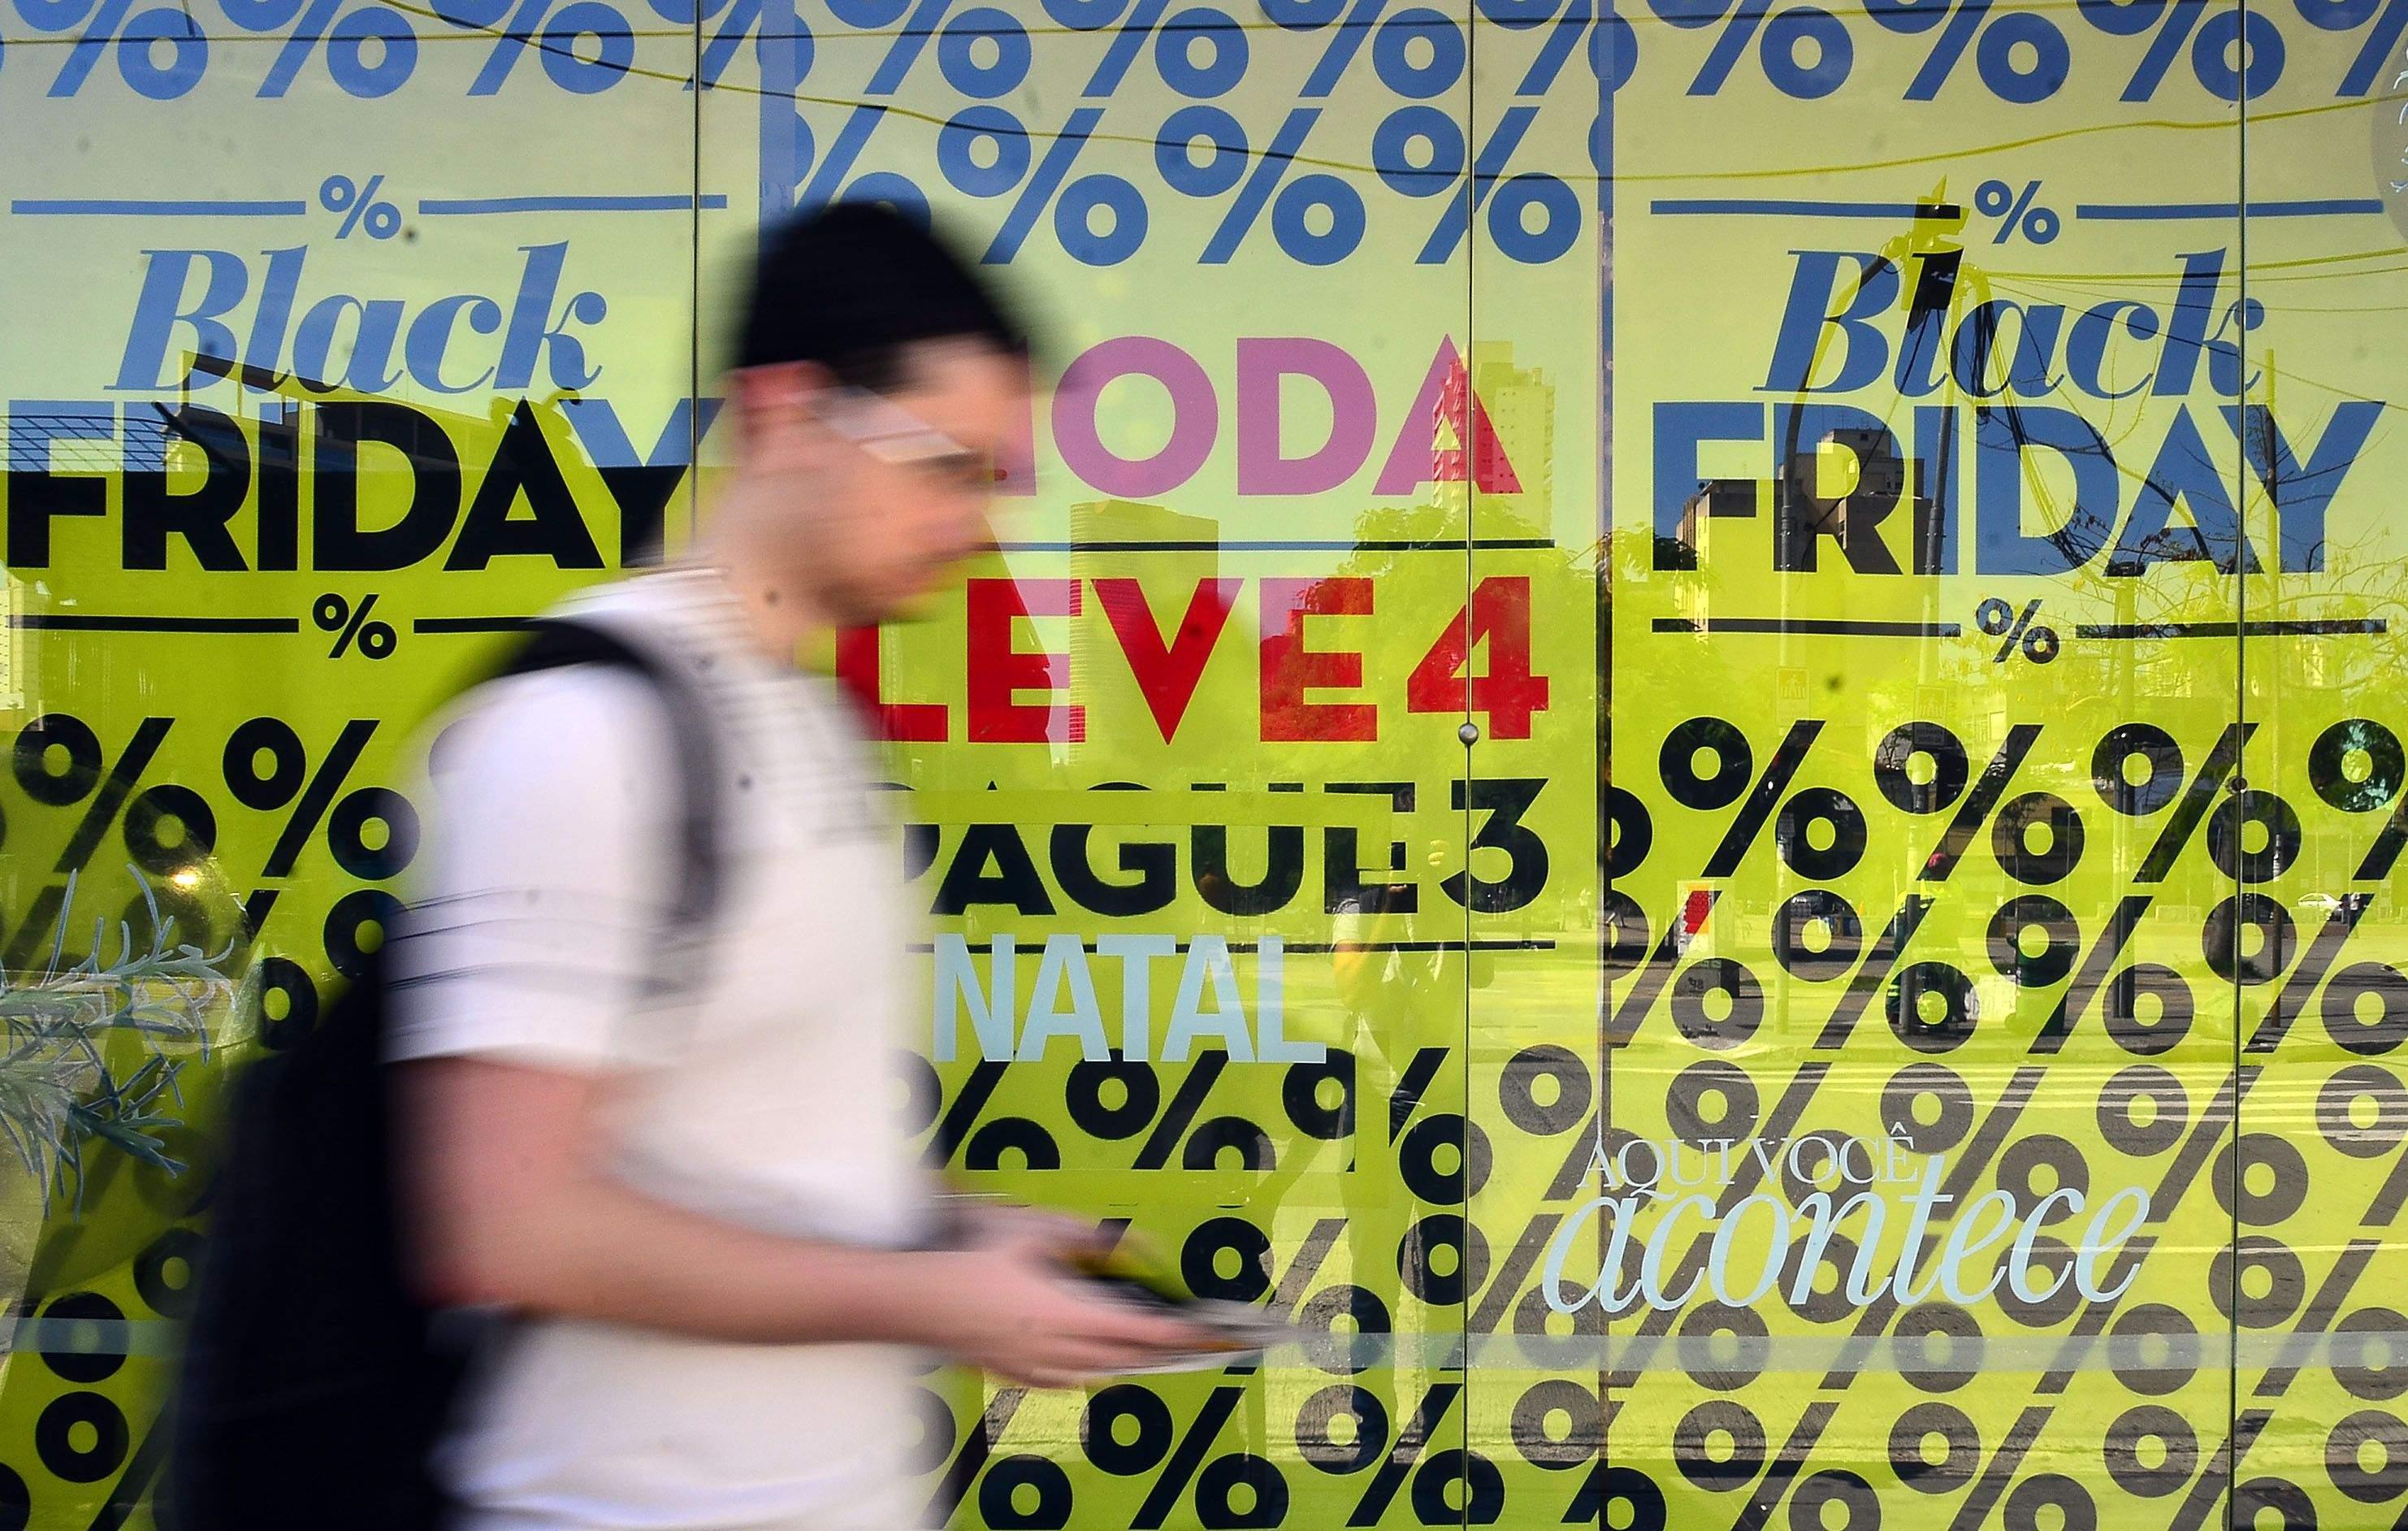 Procon da Serra dá dicas para compras durante a Black Friday - Jornal Folha Vitória